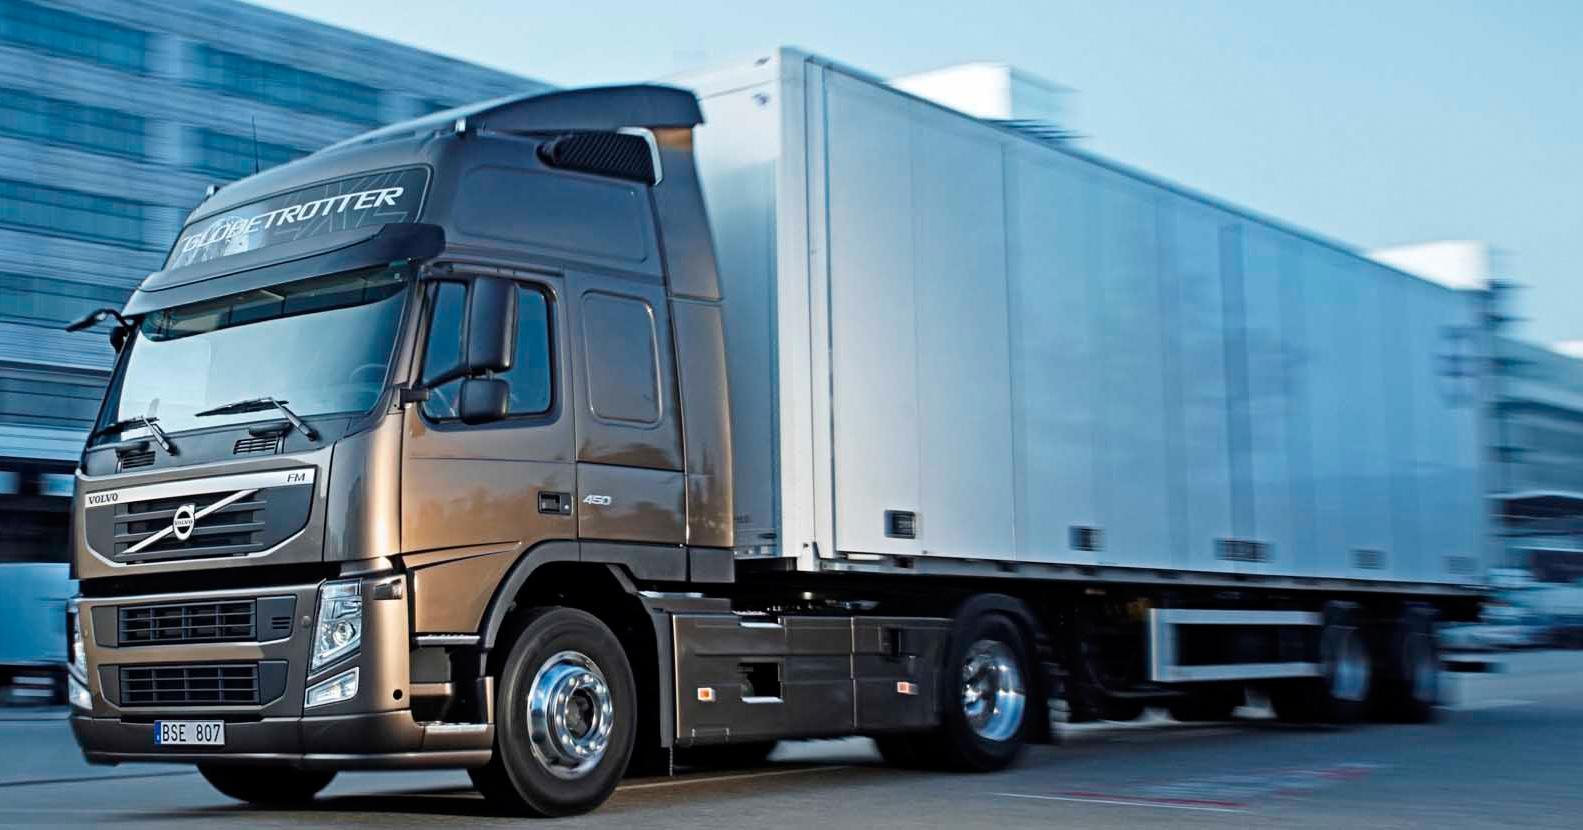 Качественная помощь при доставке отдельно взятых товаров и продукции на сайте — http://perevezi.ru